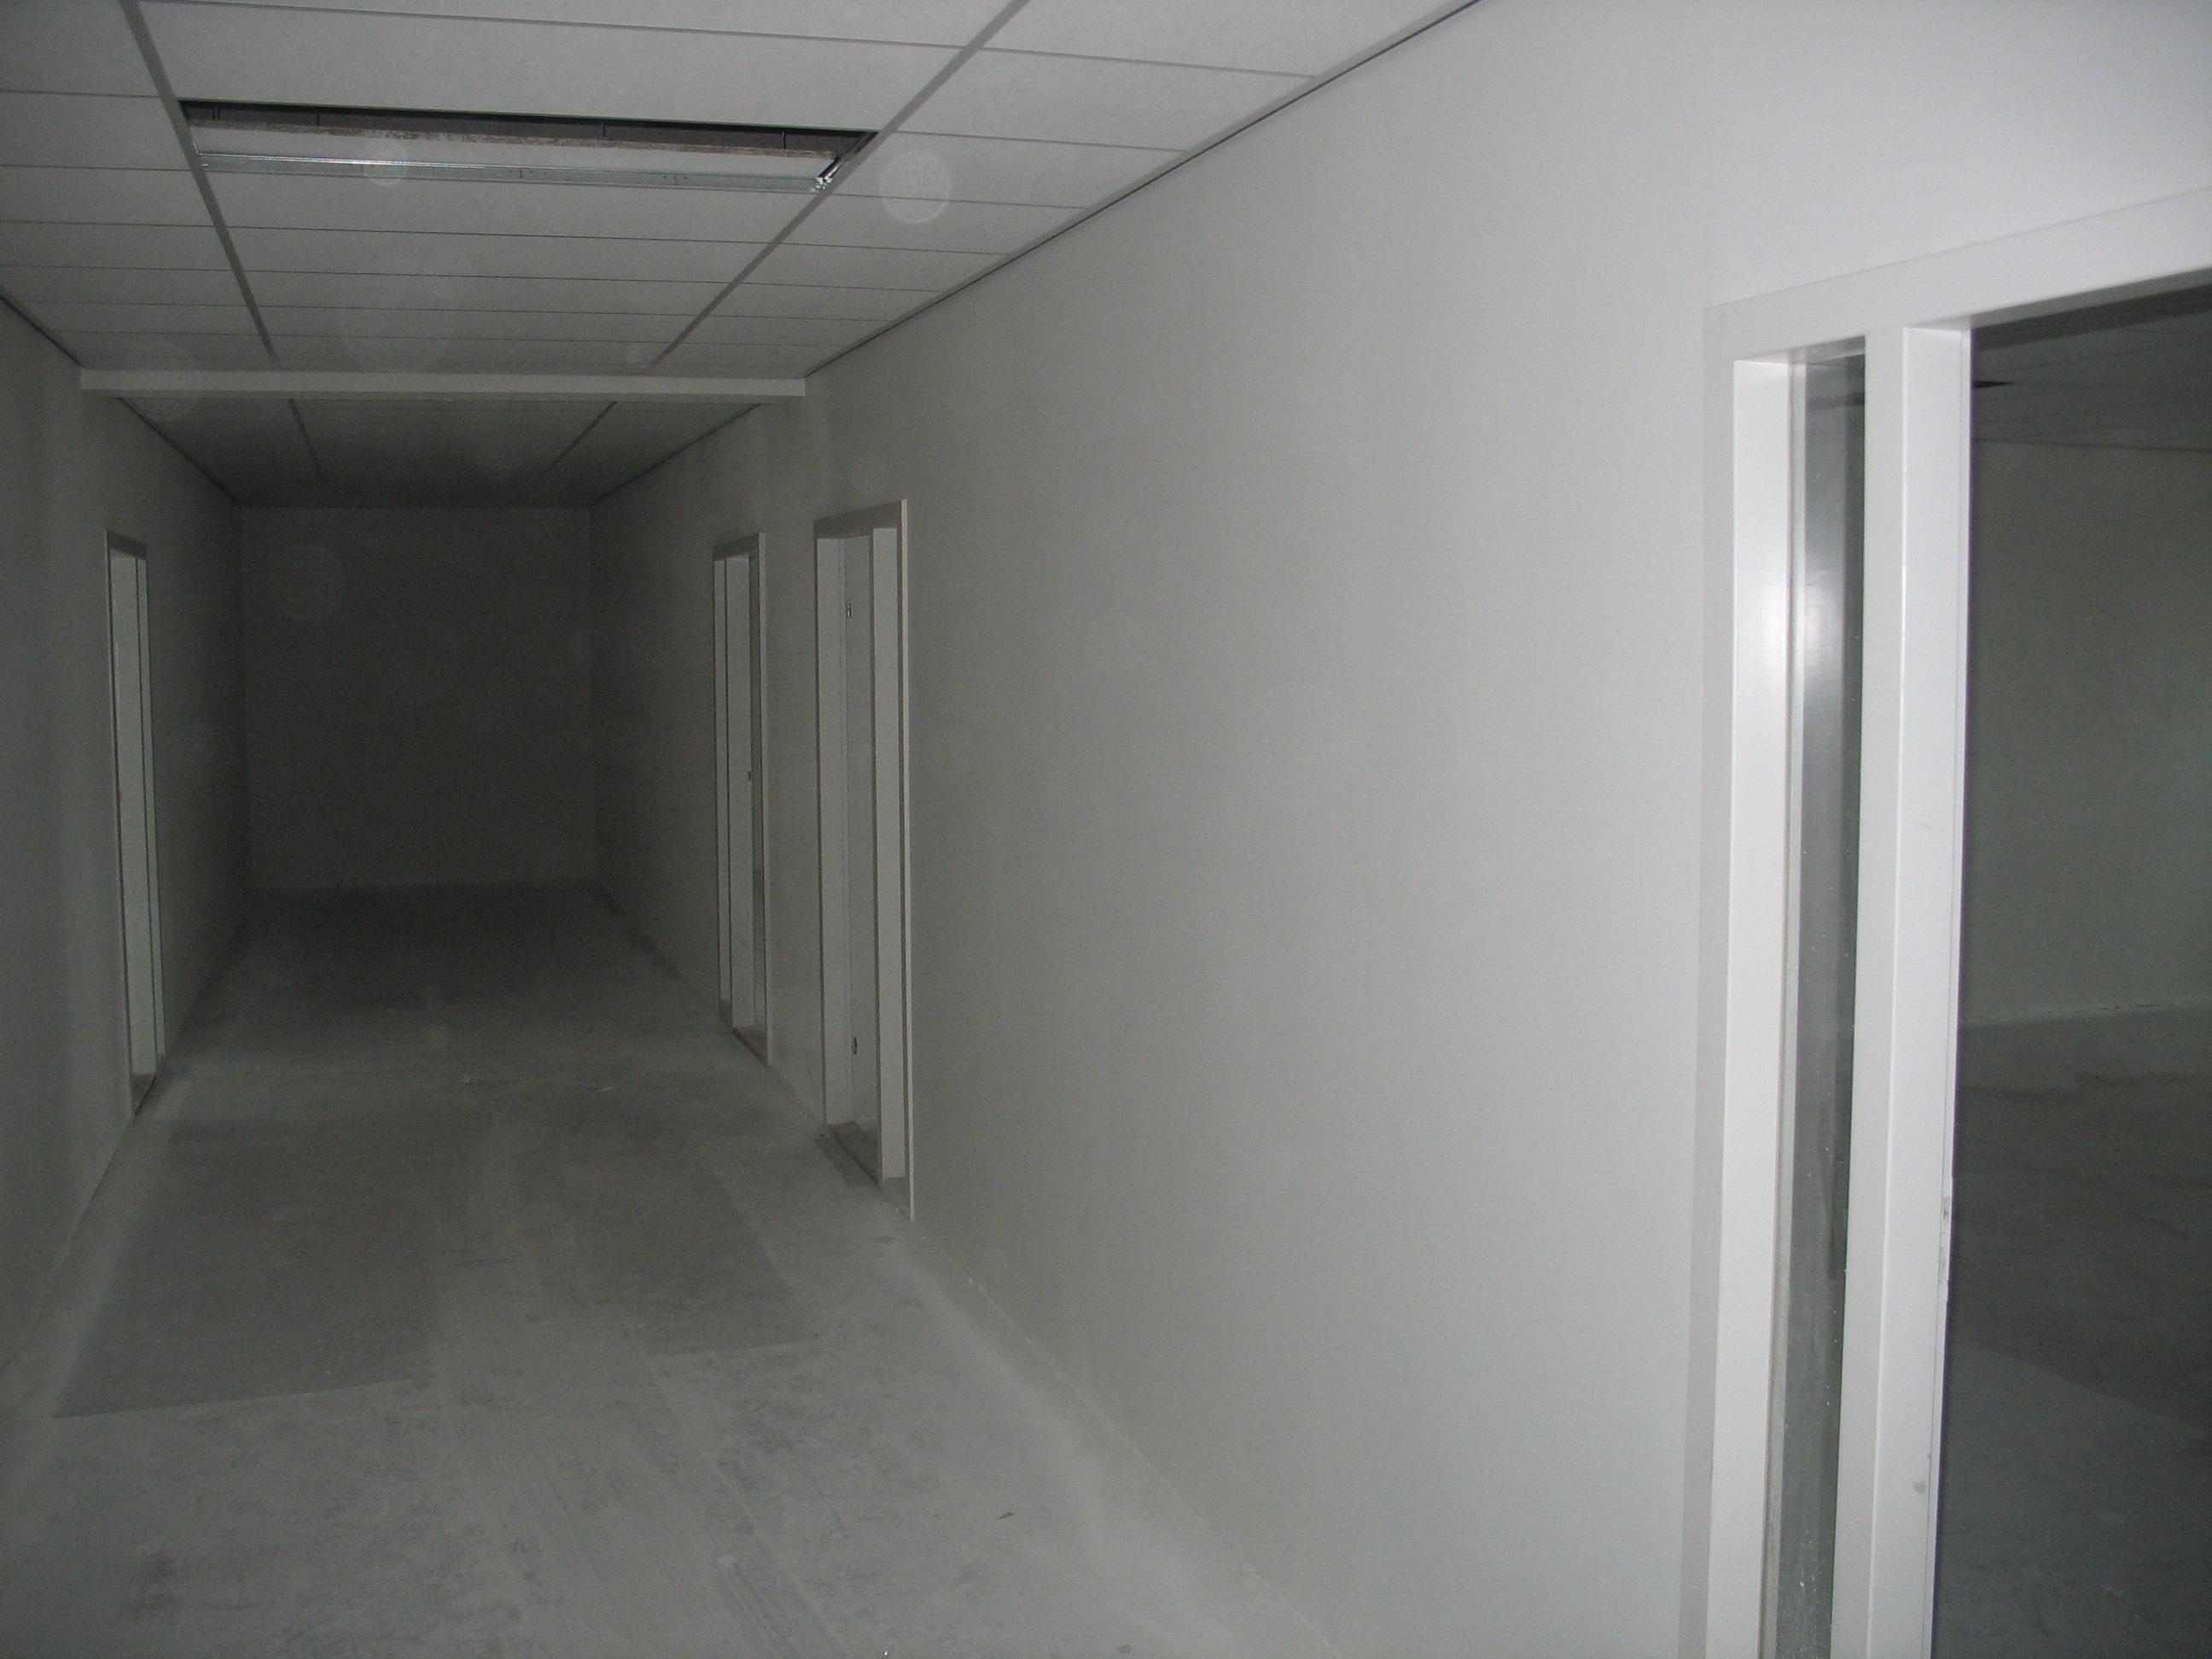 latexspuiten kantoor